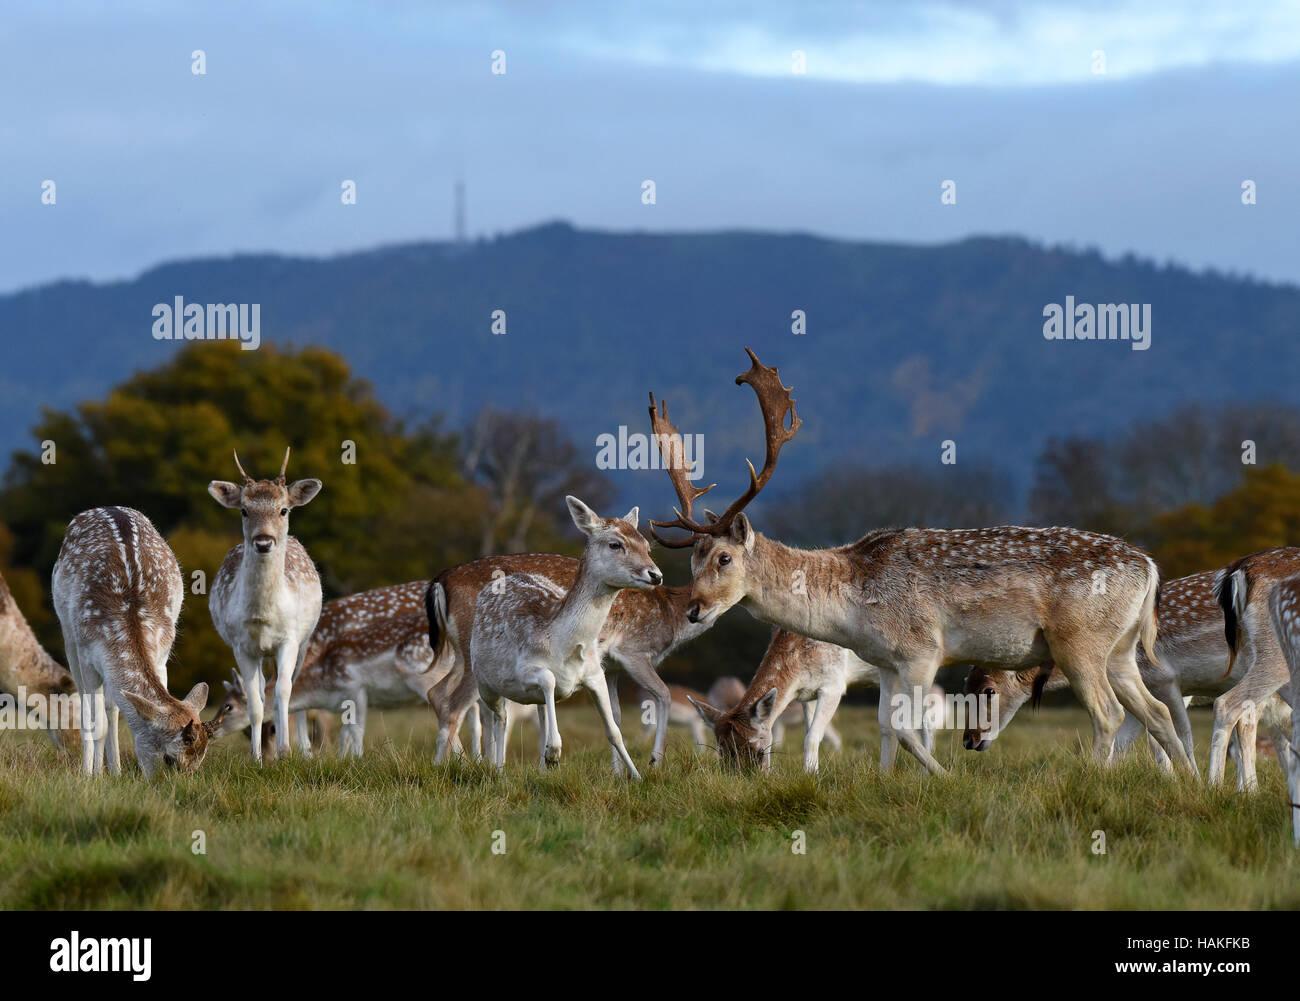 Fallow deer grazing near The Wrekin in Shropshire Uk - Stock Image